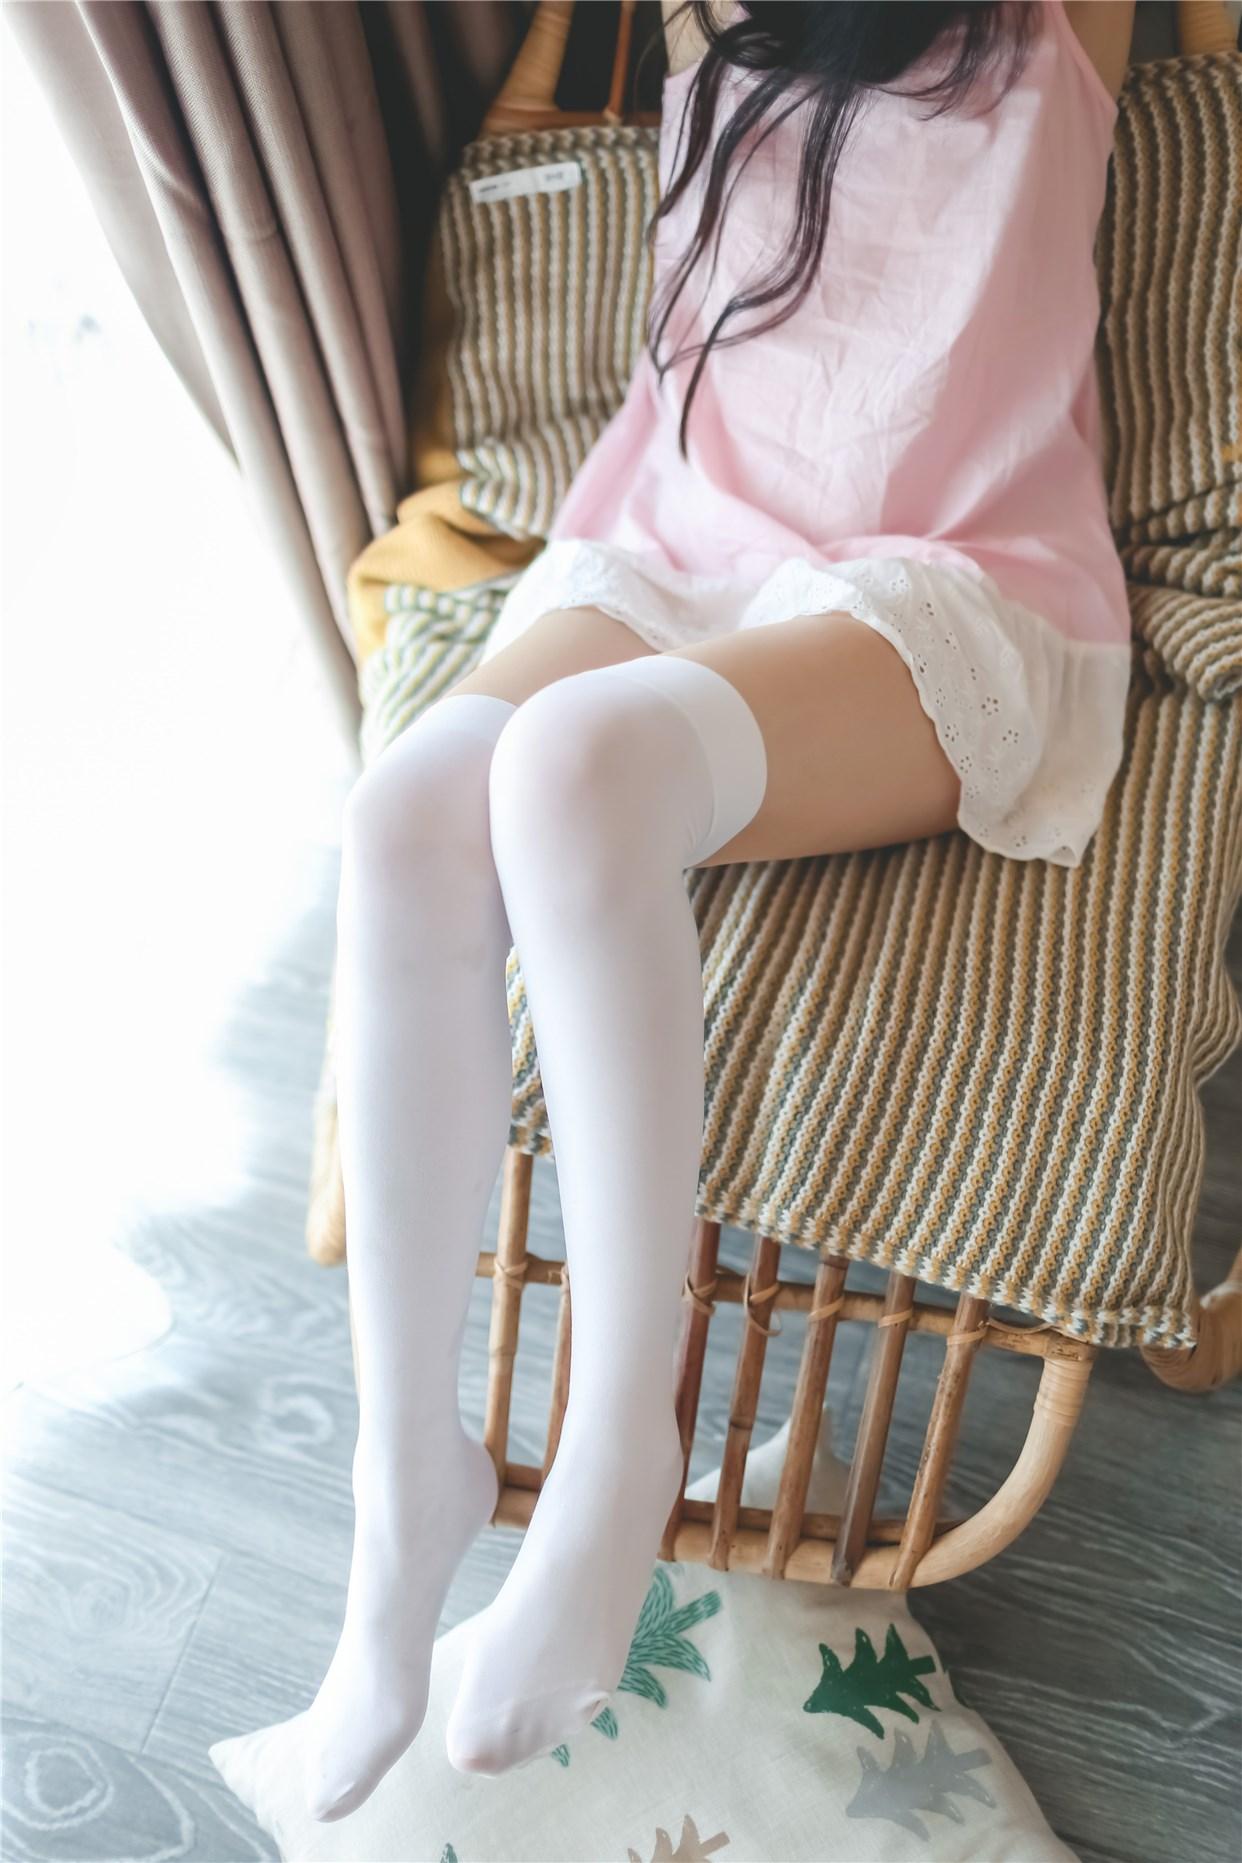 【兔玩映画】粉色小裙子 兔玩映画 第29张